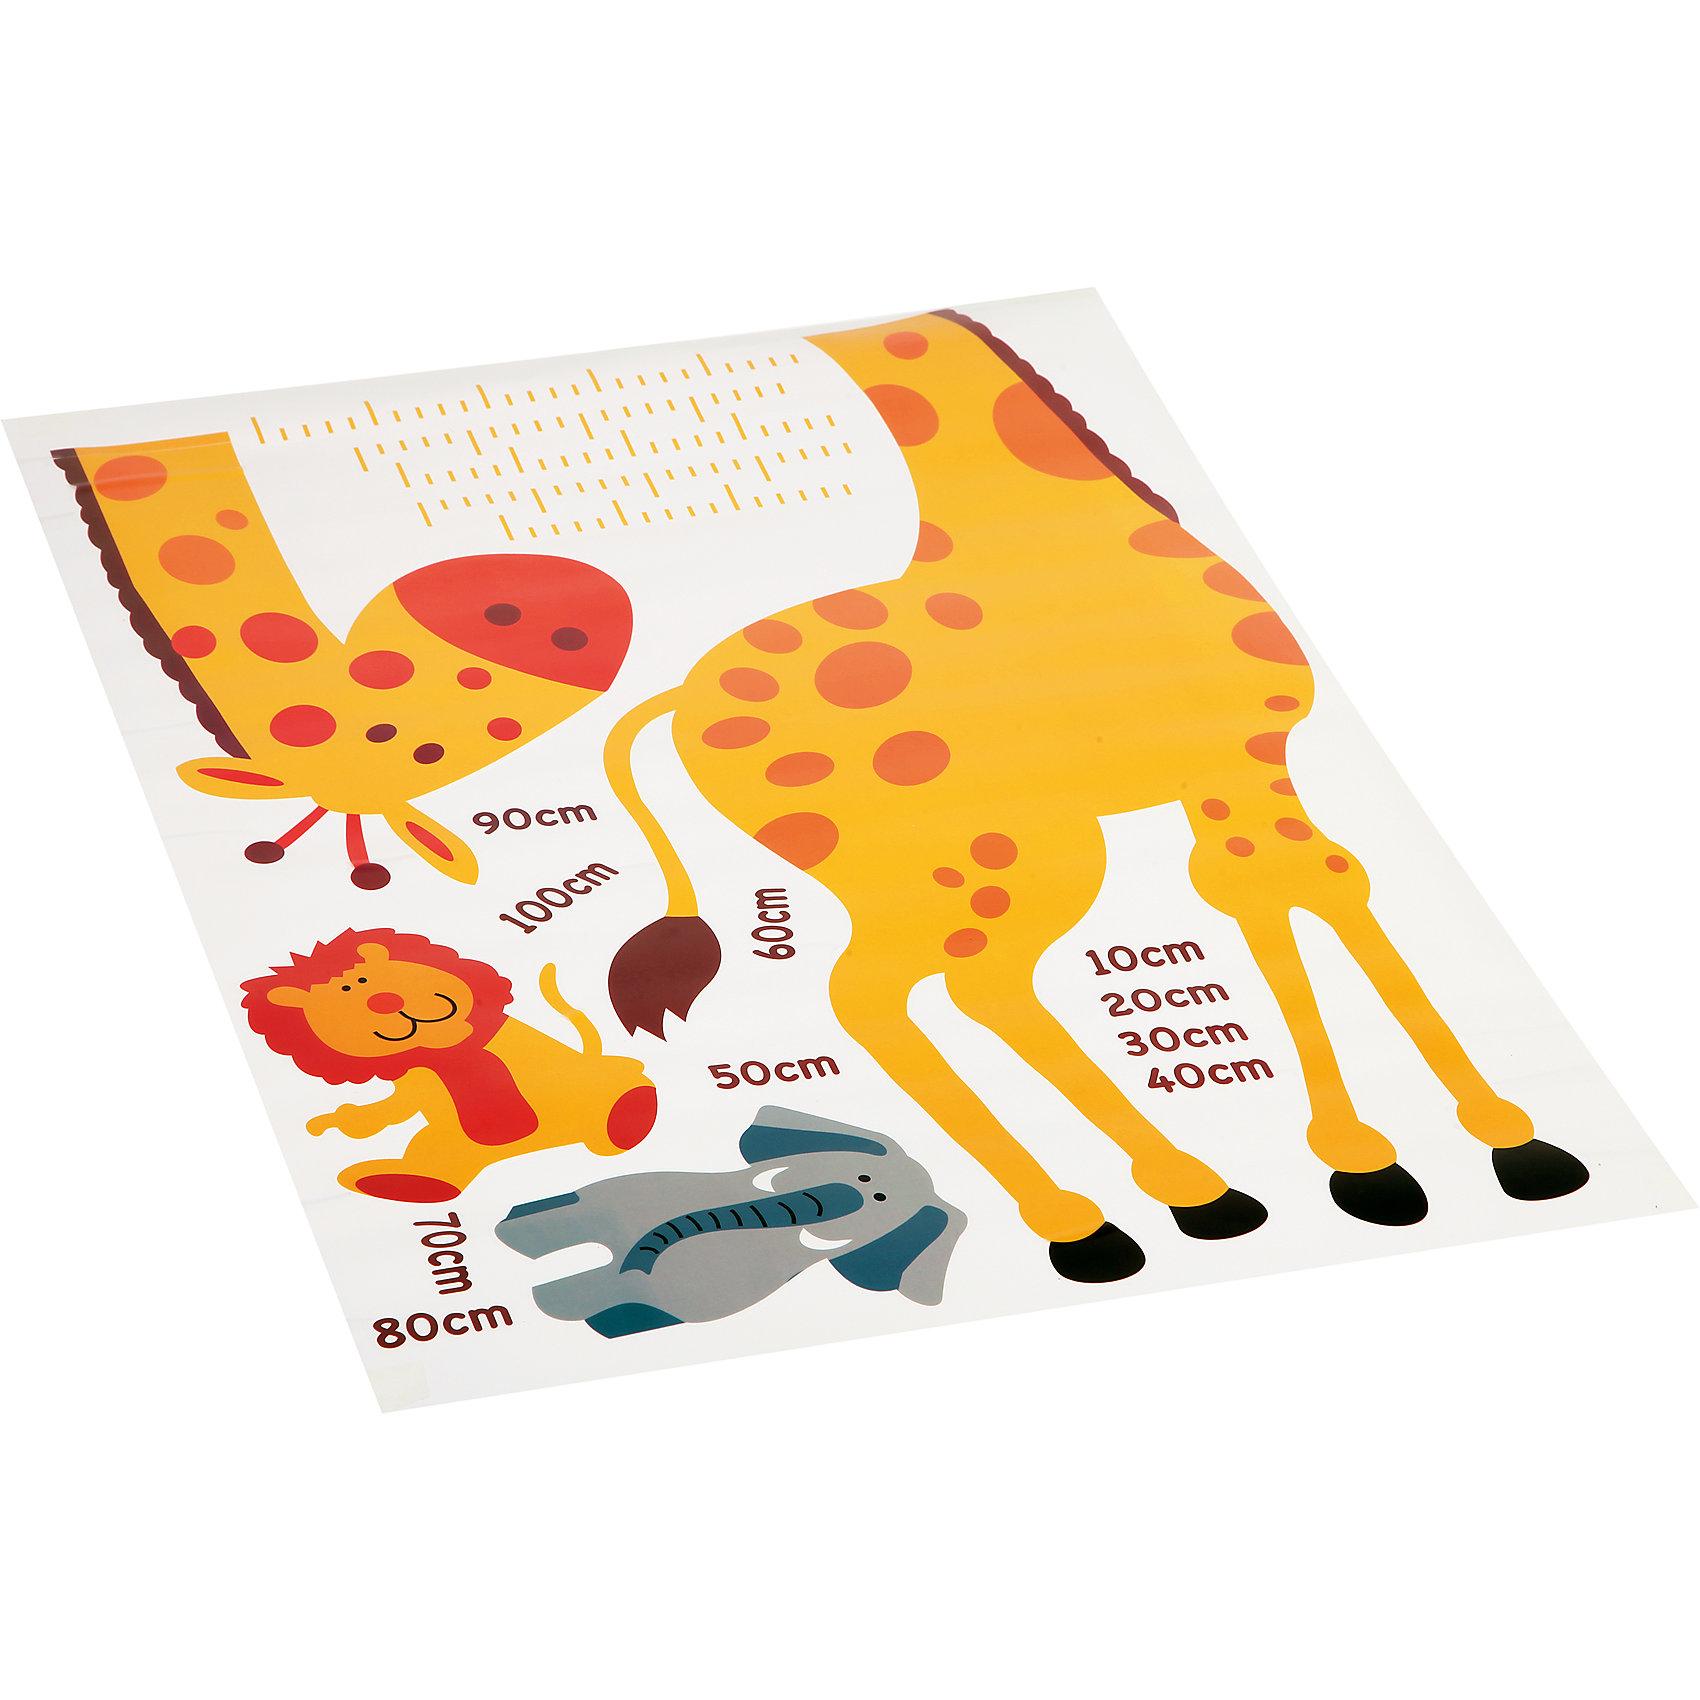 Набор декор наклеек на стену Жирафик 50*70 смНабор декоративных наклеек на стену Жирафик торговой марки  Bondibon  поможет Вам измерить рост Вашего малыша. Забавный и яркий ростомер очень понравиться ему.  Ростомер можно разместить там, где Вам удобно, как и входящих в набор забавных слоника и льва. С такими зверушками ребенок с удовольствием будет проводить процедуру измерения своего роста.<br>Изделие изготовлено из качественных материалов. Плотная бумага имеет липкую основу, поэтому Вы с легкостью сможете поместить ростомер на стене без каких-либо дополнительных приспособлений и материалов.<br><br>Дополнительная информация:<br><br>- возраст: от 12 месяцев<br>- пол: для мальчиков и девочек<br>- комплект: наклейки со зверушками - 3 шт., шкала.<br>- материал: бумага на клейкой основе.<br>- размер упаковки: 54.5 * 52 * 27.5 см.<br>- размер игрушки: 50 *70 см.<br>- упаковка: пластиковый бокс.<br>- высота ростомера: 100 см.<br>- страна обладатель бренда: Бельгия.<br><br>Набор декоративных наклеек на стену  Жирафик  торговой марки  Bondibon  можно купить в нашем интернет-магазине<br><br>Ширина мм: 51<br>Глубина мм: 5<br>Высота мм: 5<br>Вес г: 156<br>Возраст от месяцев: 36<br>Возраст до месяцев: 144<br>Пол: Унисекс<br>Возраст: Детский<br>SKU: 4993240